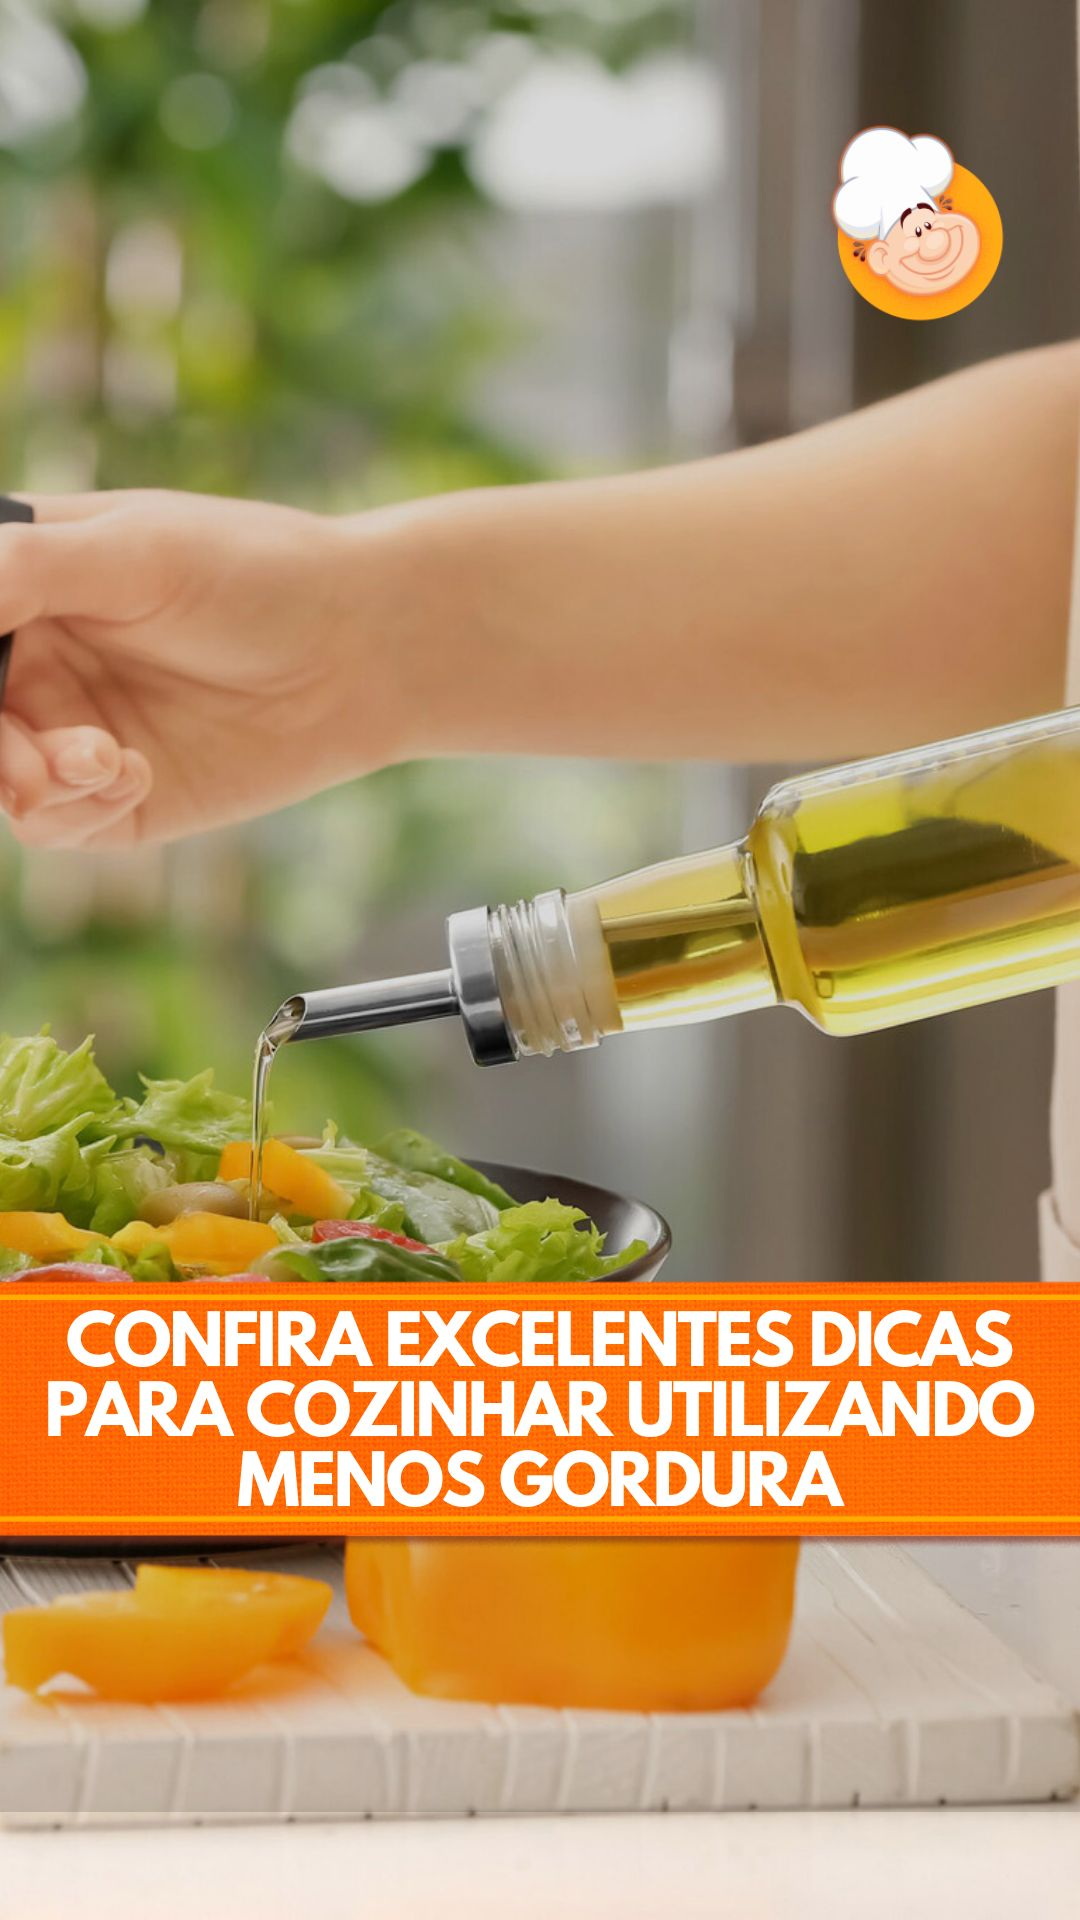 COMO COZINHAR COM MENOS GORDURA: CONFIRA AS DICAS